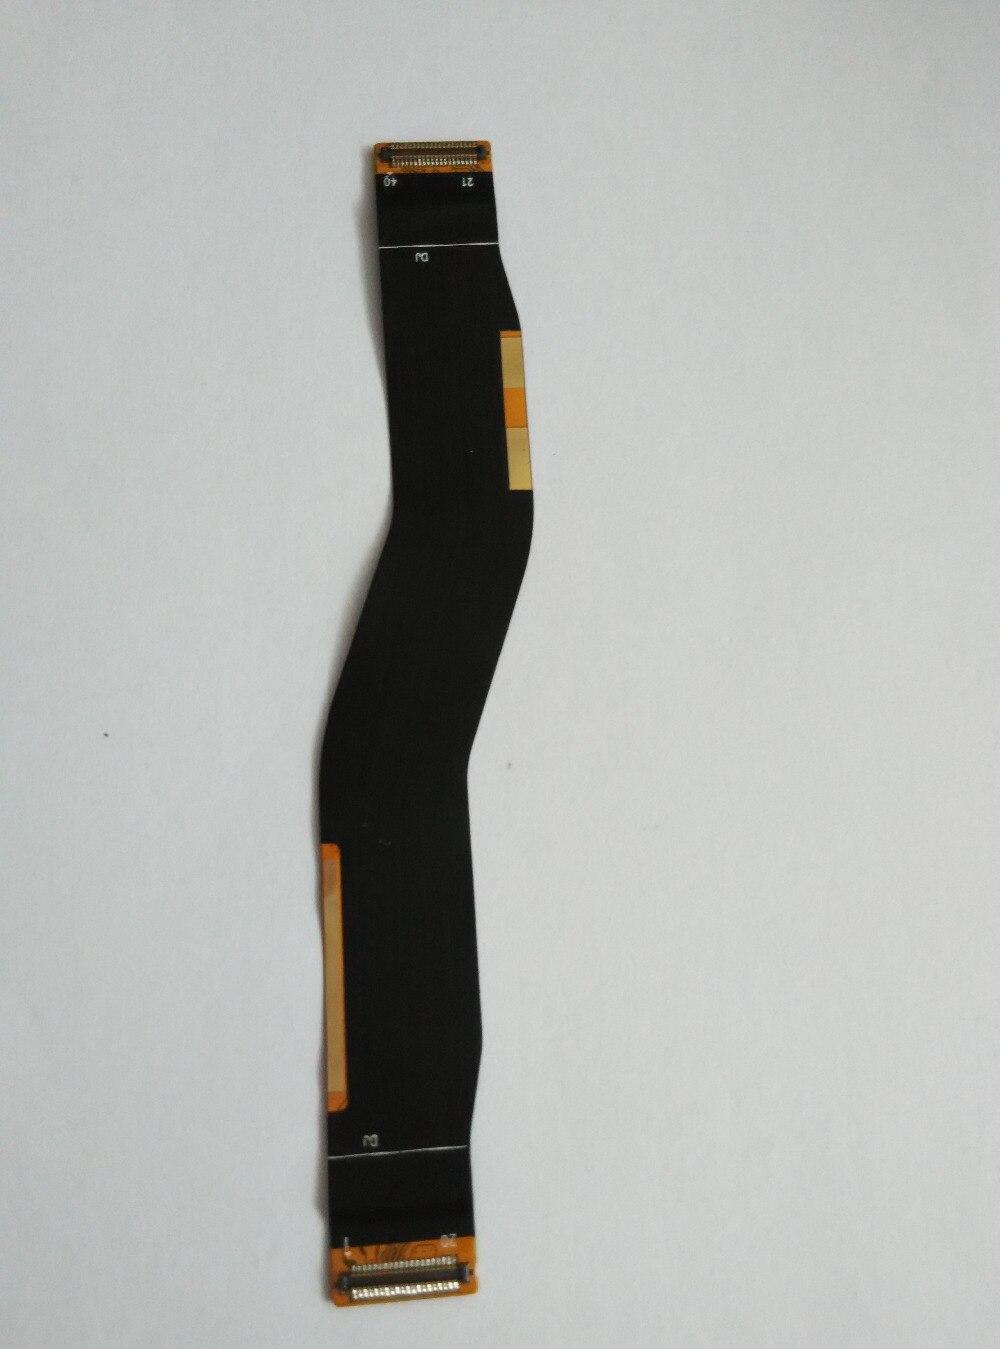 USB Зарядное устройство доска к материнской плате ФПК Для <font><b>Doogee</b></font> F5 4 г LTE 5.5 дюйма MTK6753 Octa core FHD 1920X1080 бесплатная доставка